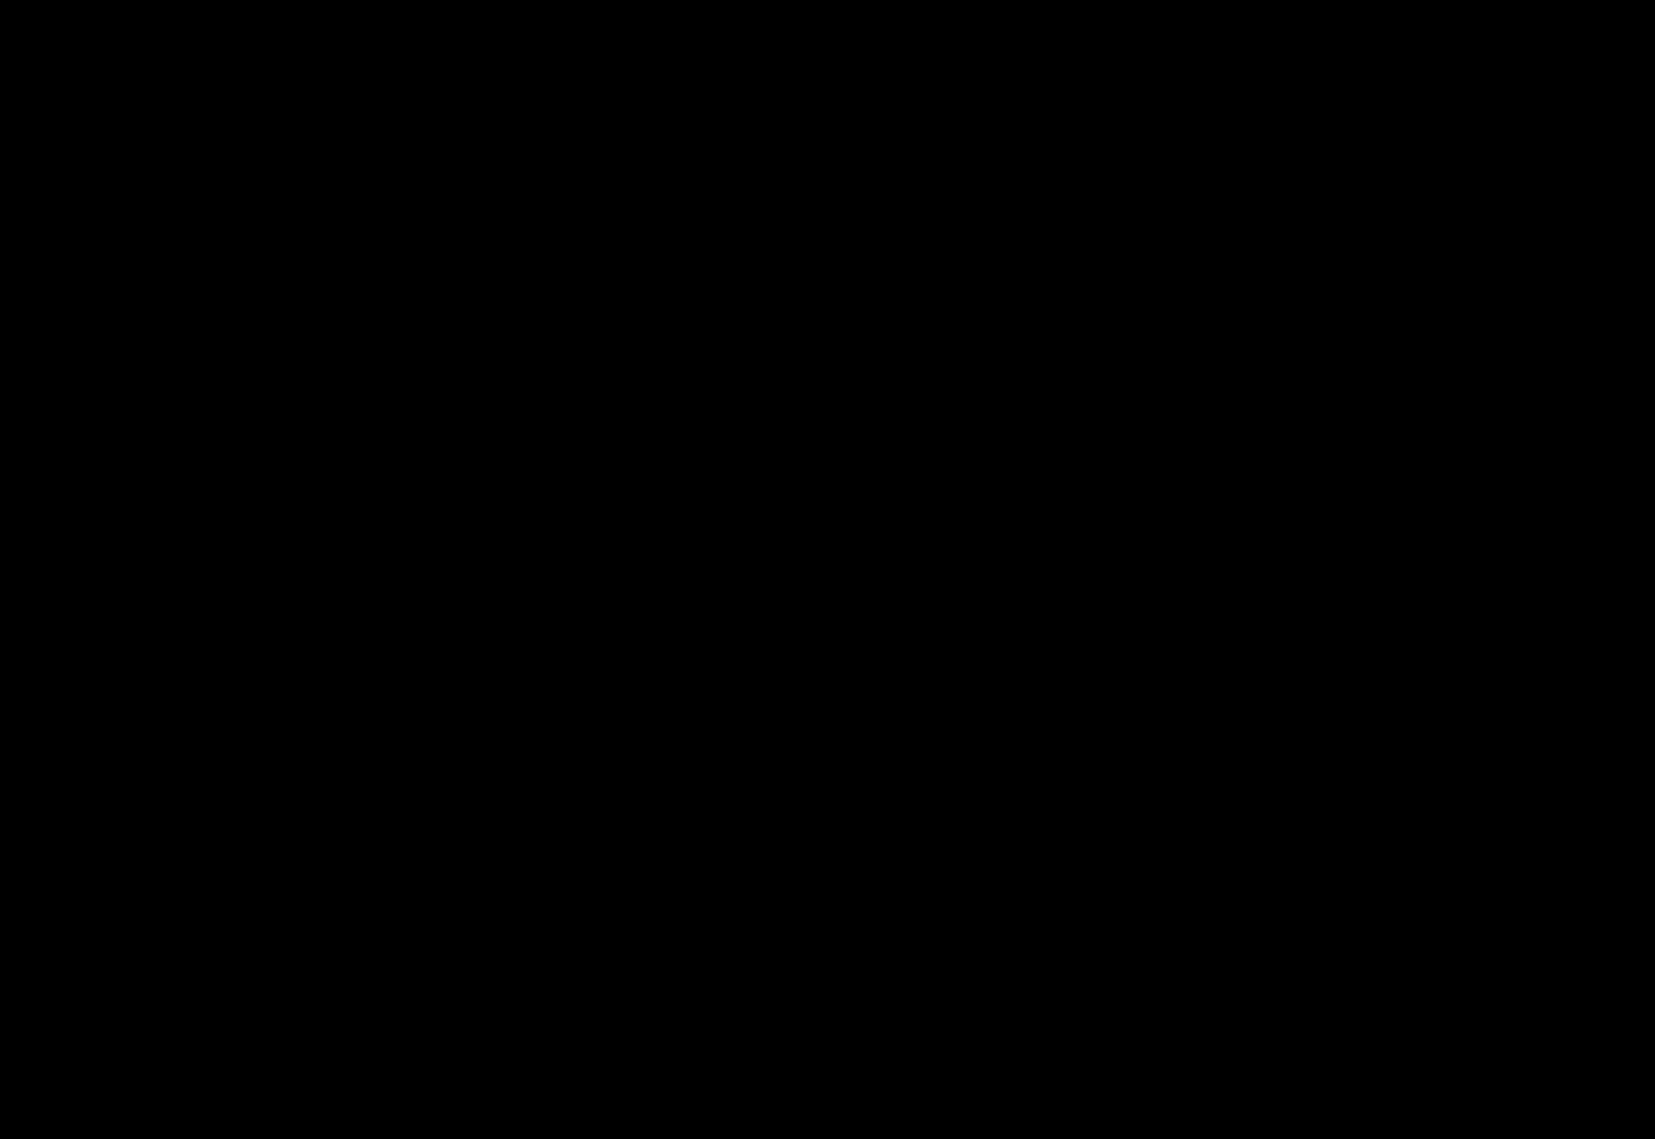 helatomic-illustration-vector-01.png